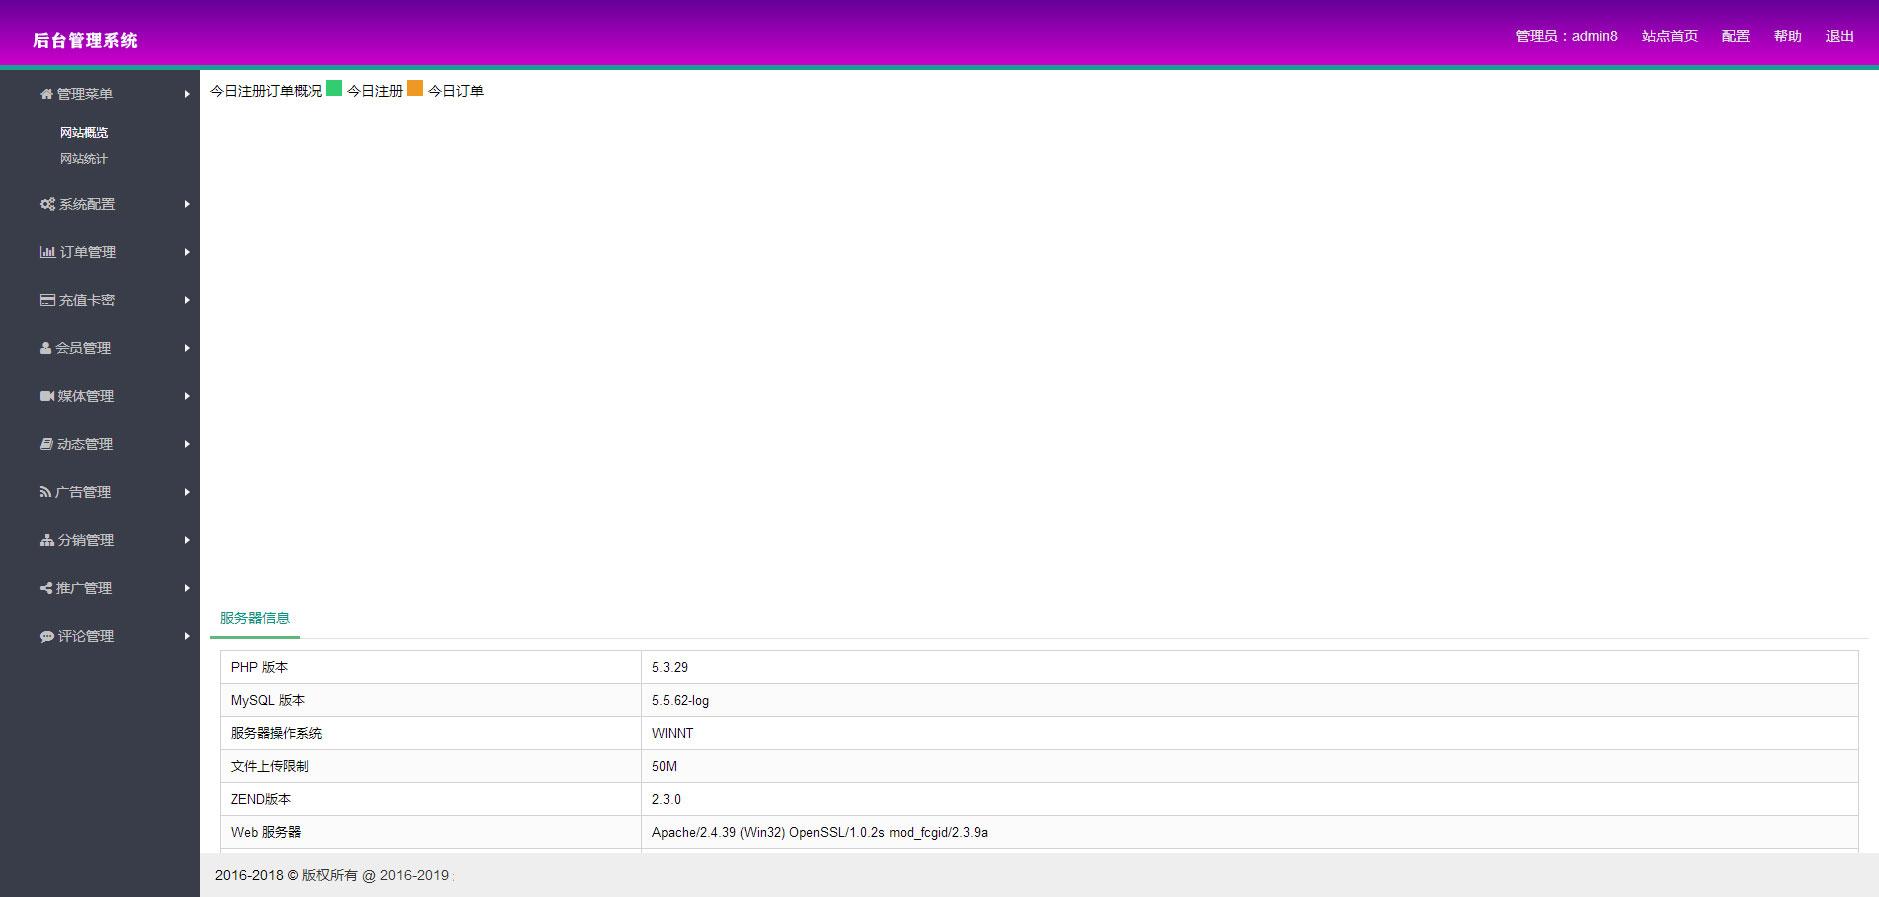 猫扑盒子引流神器在线播放神马影视视频电影PHP网站源码下载